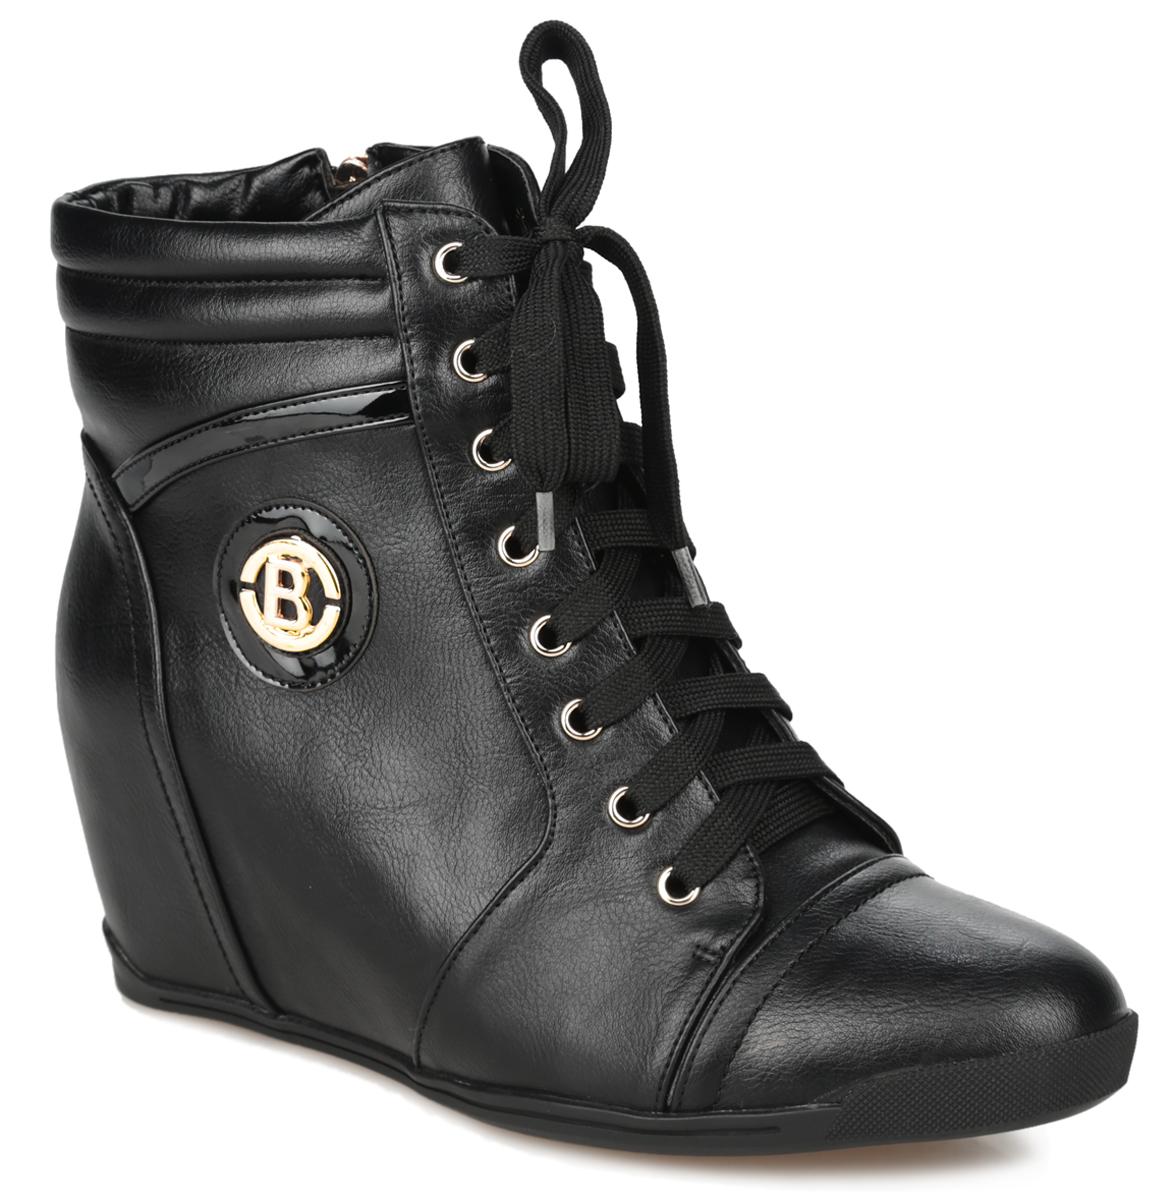 6721-02-1BСтильные женские сникерсы от Inario не оставят равнодушной настоящую модницу! Модель изготовлена из искусственной кожи. Внутренняя часть и стелька - из байки, защитят ноги от холода и обеспечат комфорт. Верх изделия оформлен шнуровкой, которая прочно зафиксирует модель на вашей ноге. Сбоку изделие дополнено декоративной вставкой из искусственной лаковой кожи и декоративным металлическим элементом в виде буквы B. Объем голенища декорирован складками. Сникерсы застегиваются на застежку-молнию. Подошва из полимера с рельефным протектором обеспечивает отличное сцепление на любой поверхности. В этих сникерсах вашим ногам будет комфортно и уютно. Они подчеркнут ваш стиль и индивидуальность.